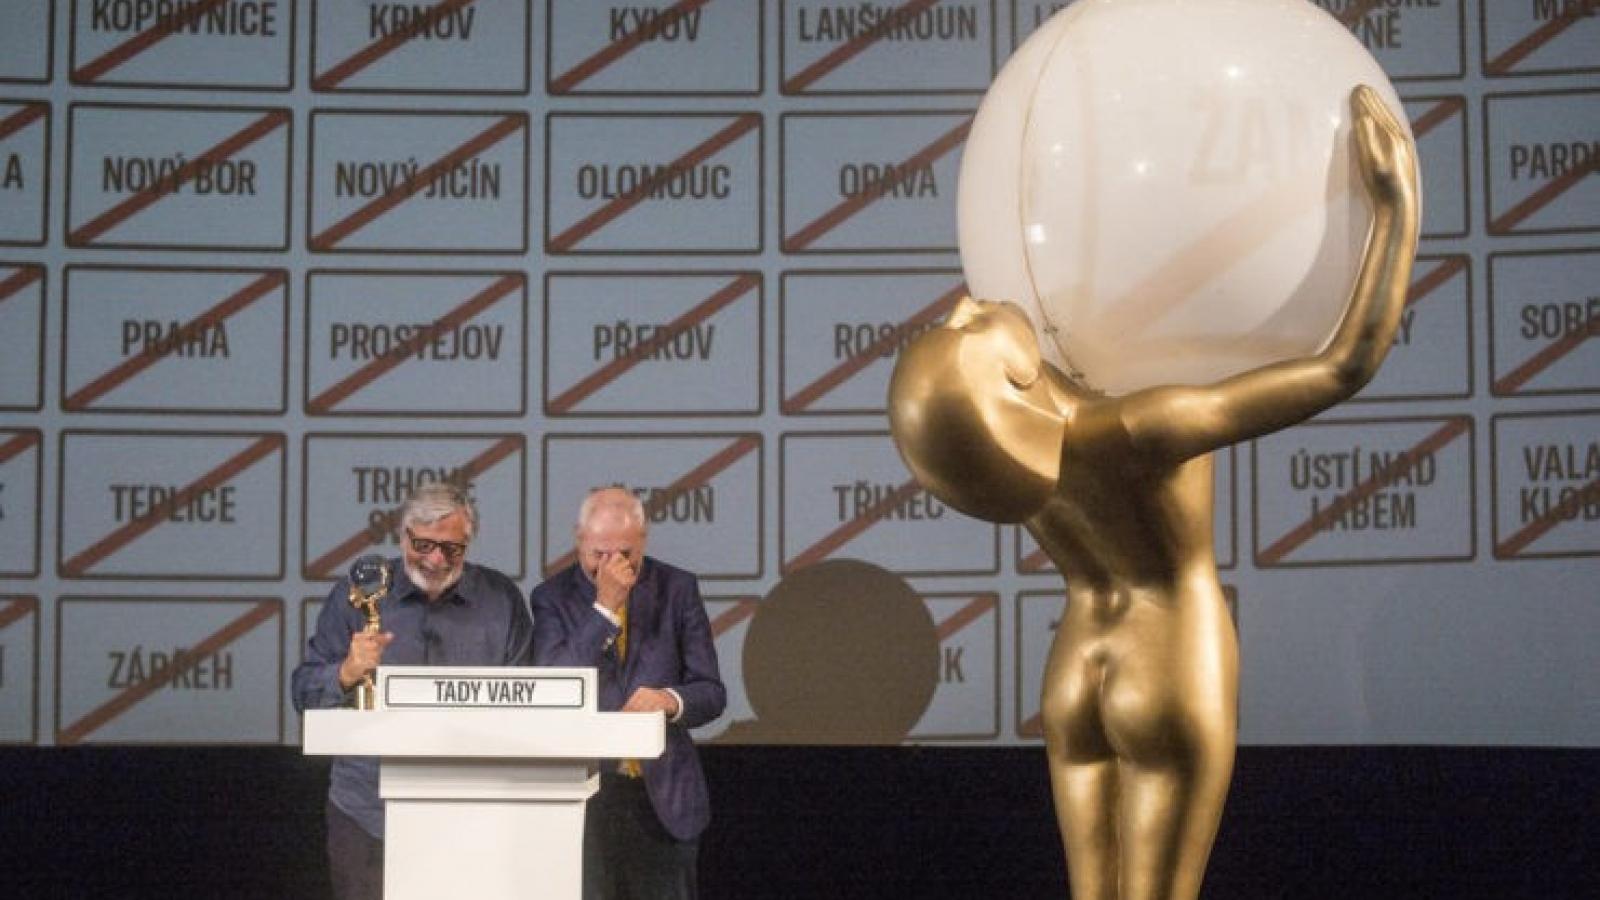 LHP quốc tế Karlovy Vary khai mạc vắng bóng khán giả do dịch Covid-19